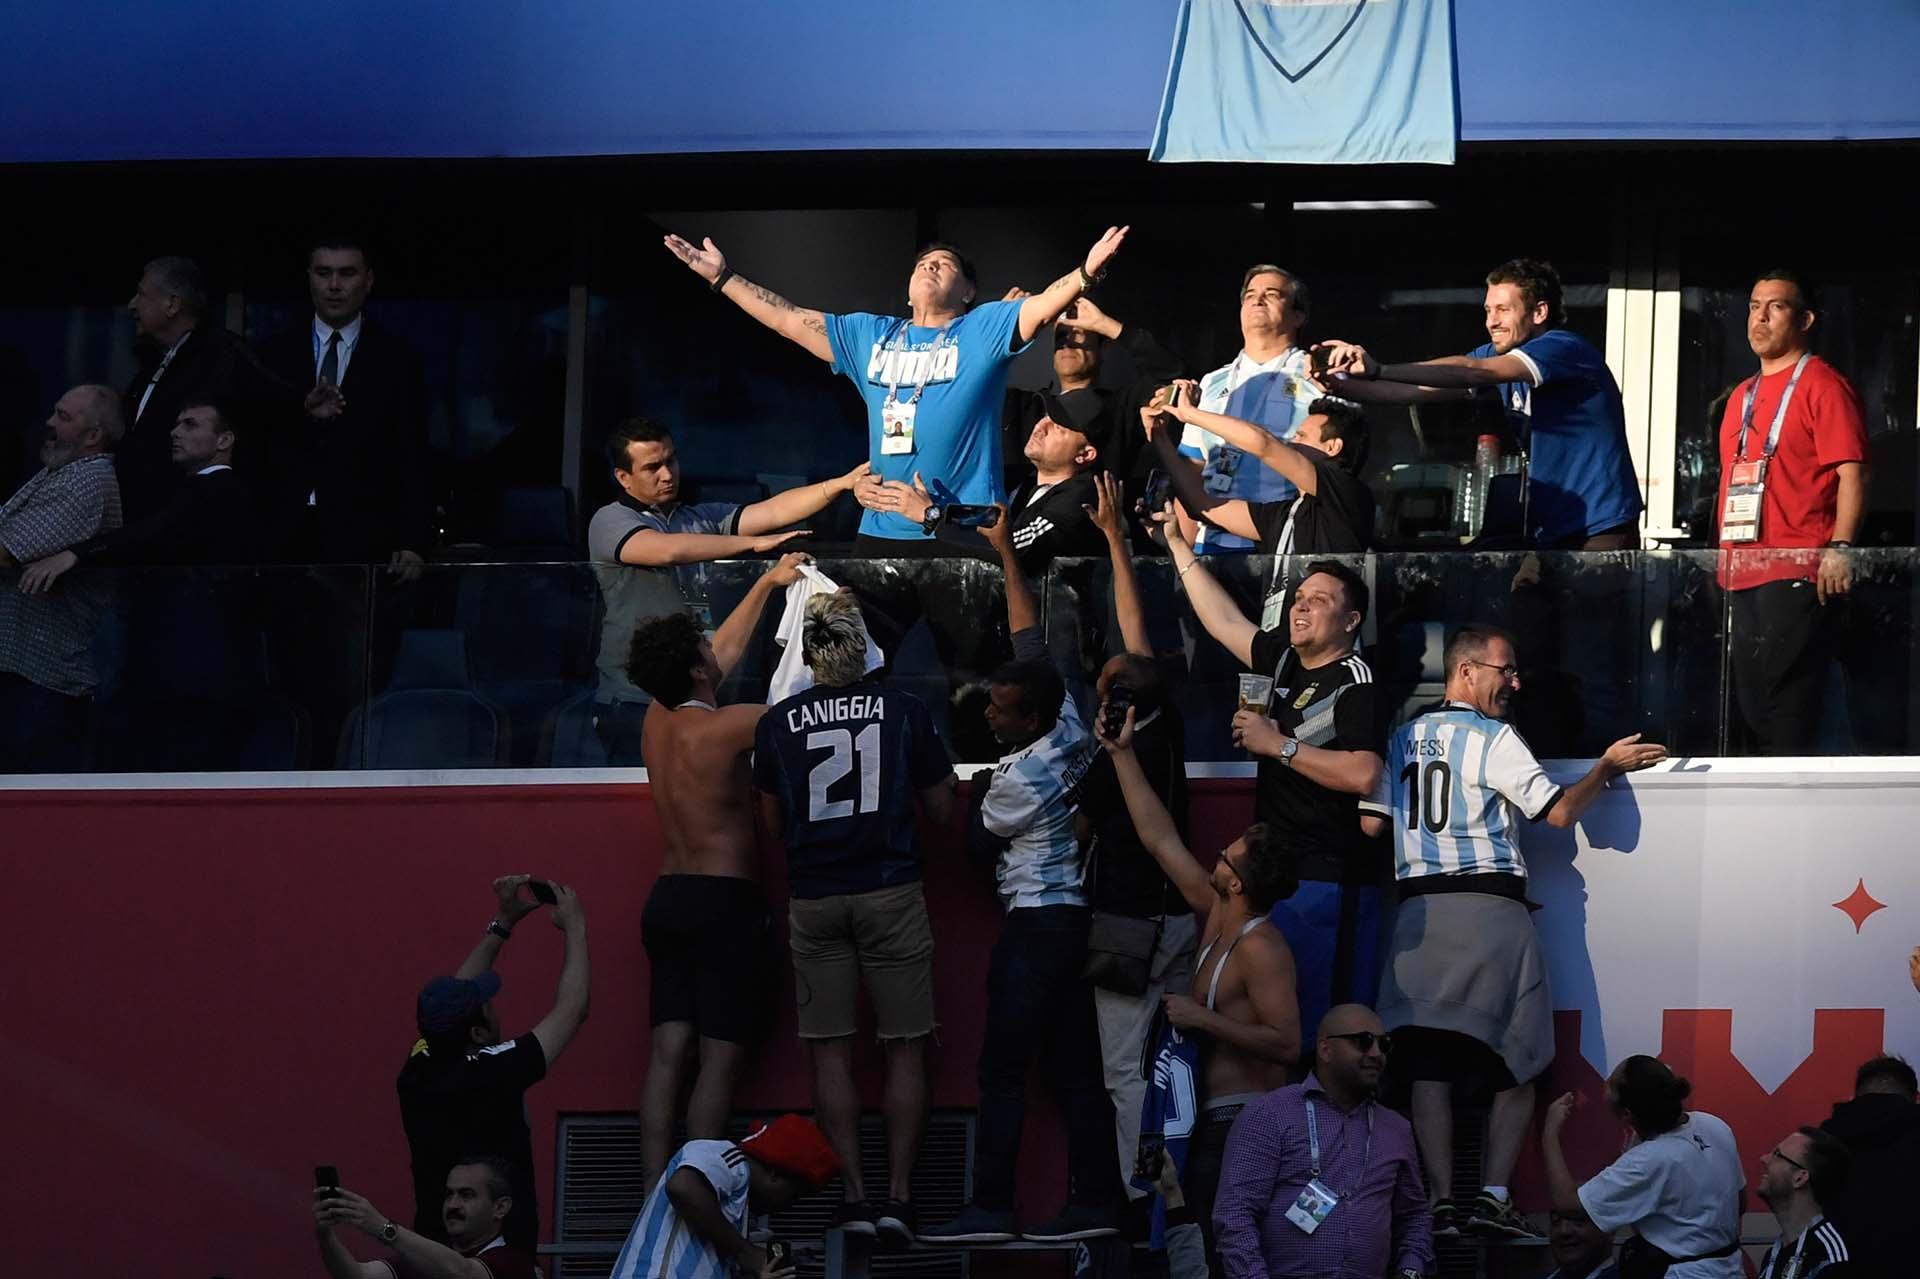 Diego Maradona celebra la agónica victoria de la Argentina sobre Nigeria que le permitió la clasificación a los octavos de final del Mundial de Rusia en San Petersburgo el 26 de junio